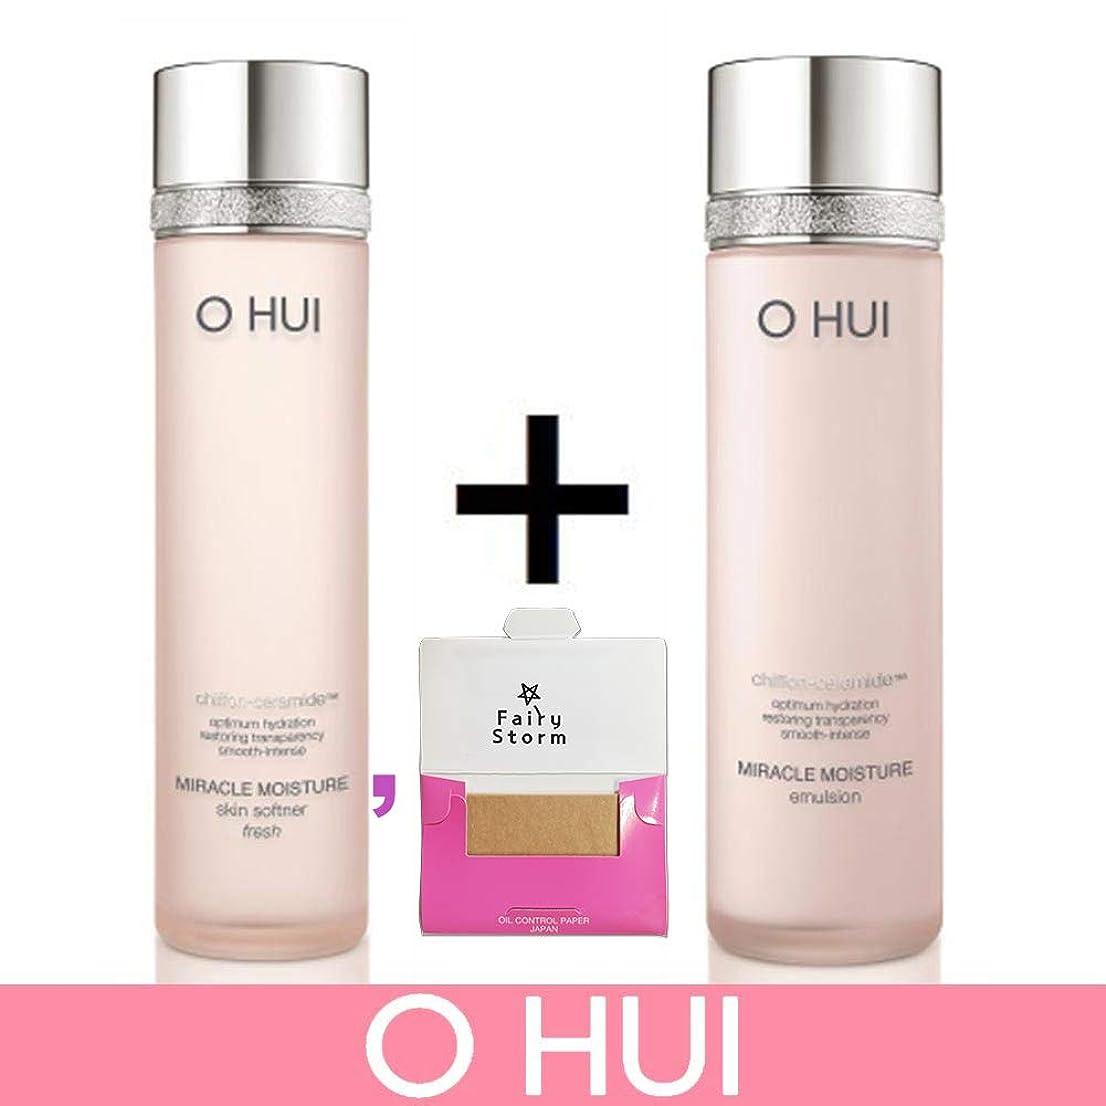 霧深い入るスツール[オフィ/O HUI]韓国化粧品 LG生活健康/OHUI MIRACLE MOISTURE SKIN SOFTNER (FRESH)150ml+EMULSION130ml/MIRACLEモイスチャー皮膚軟化剤(FRESH)150ミリリットル+エマルジョン130ミリリットル +[Sample Gift](海外直送品)